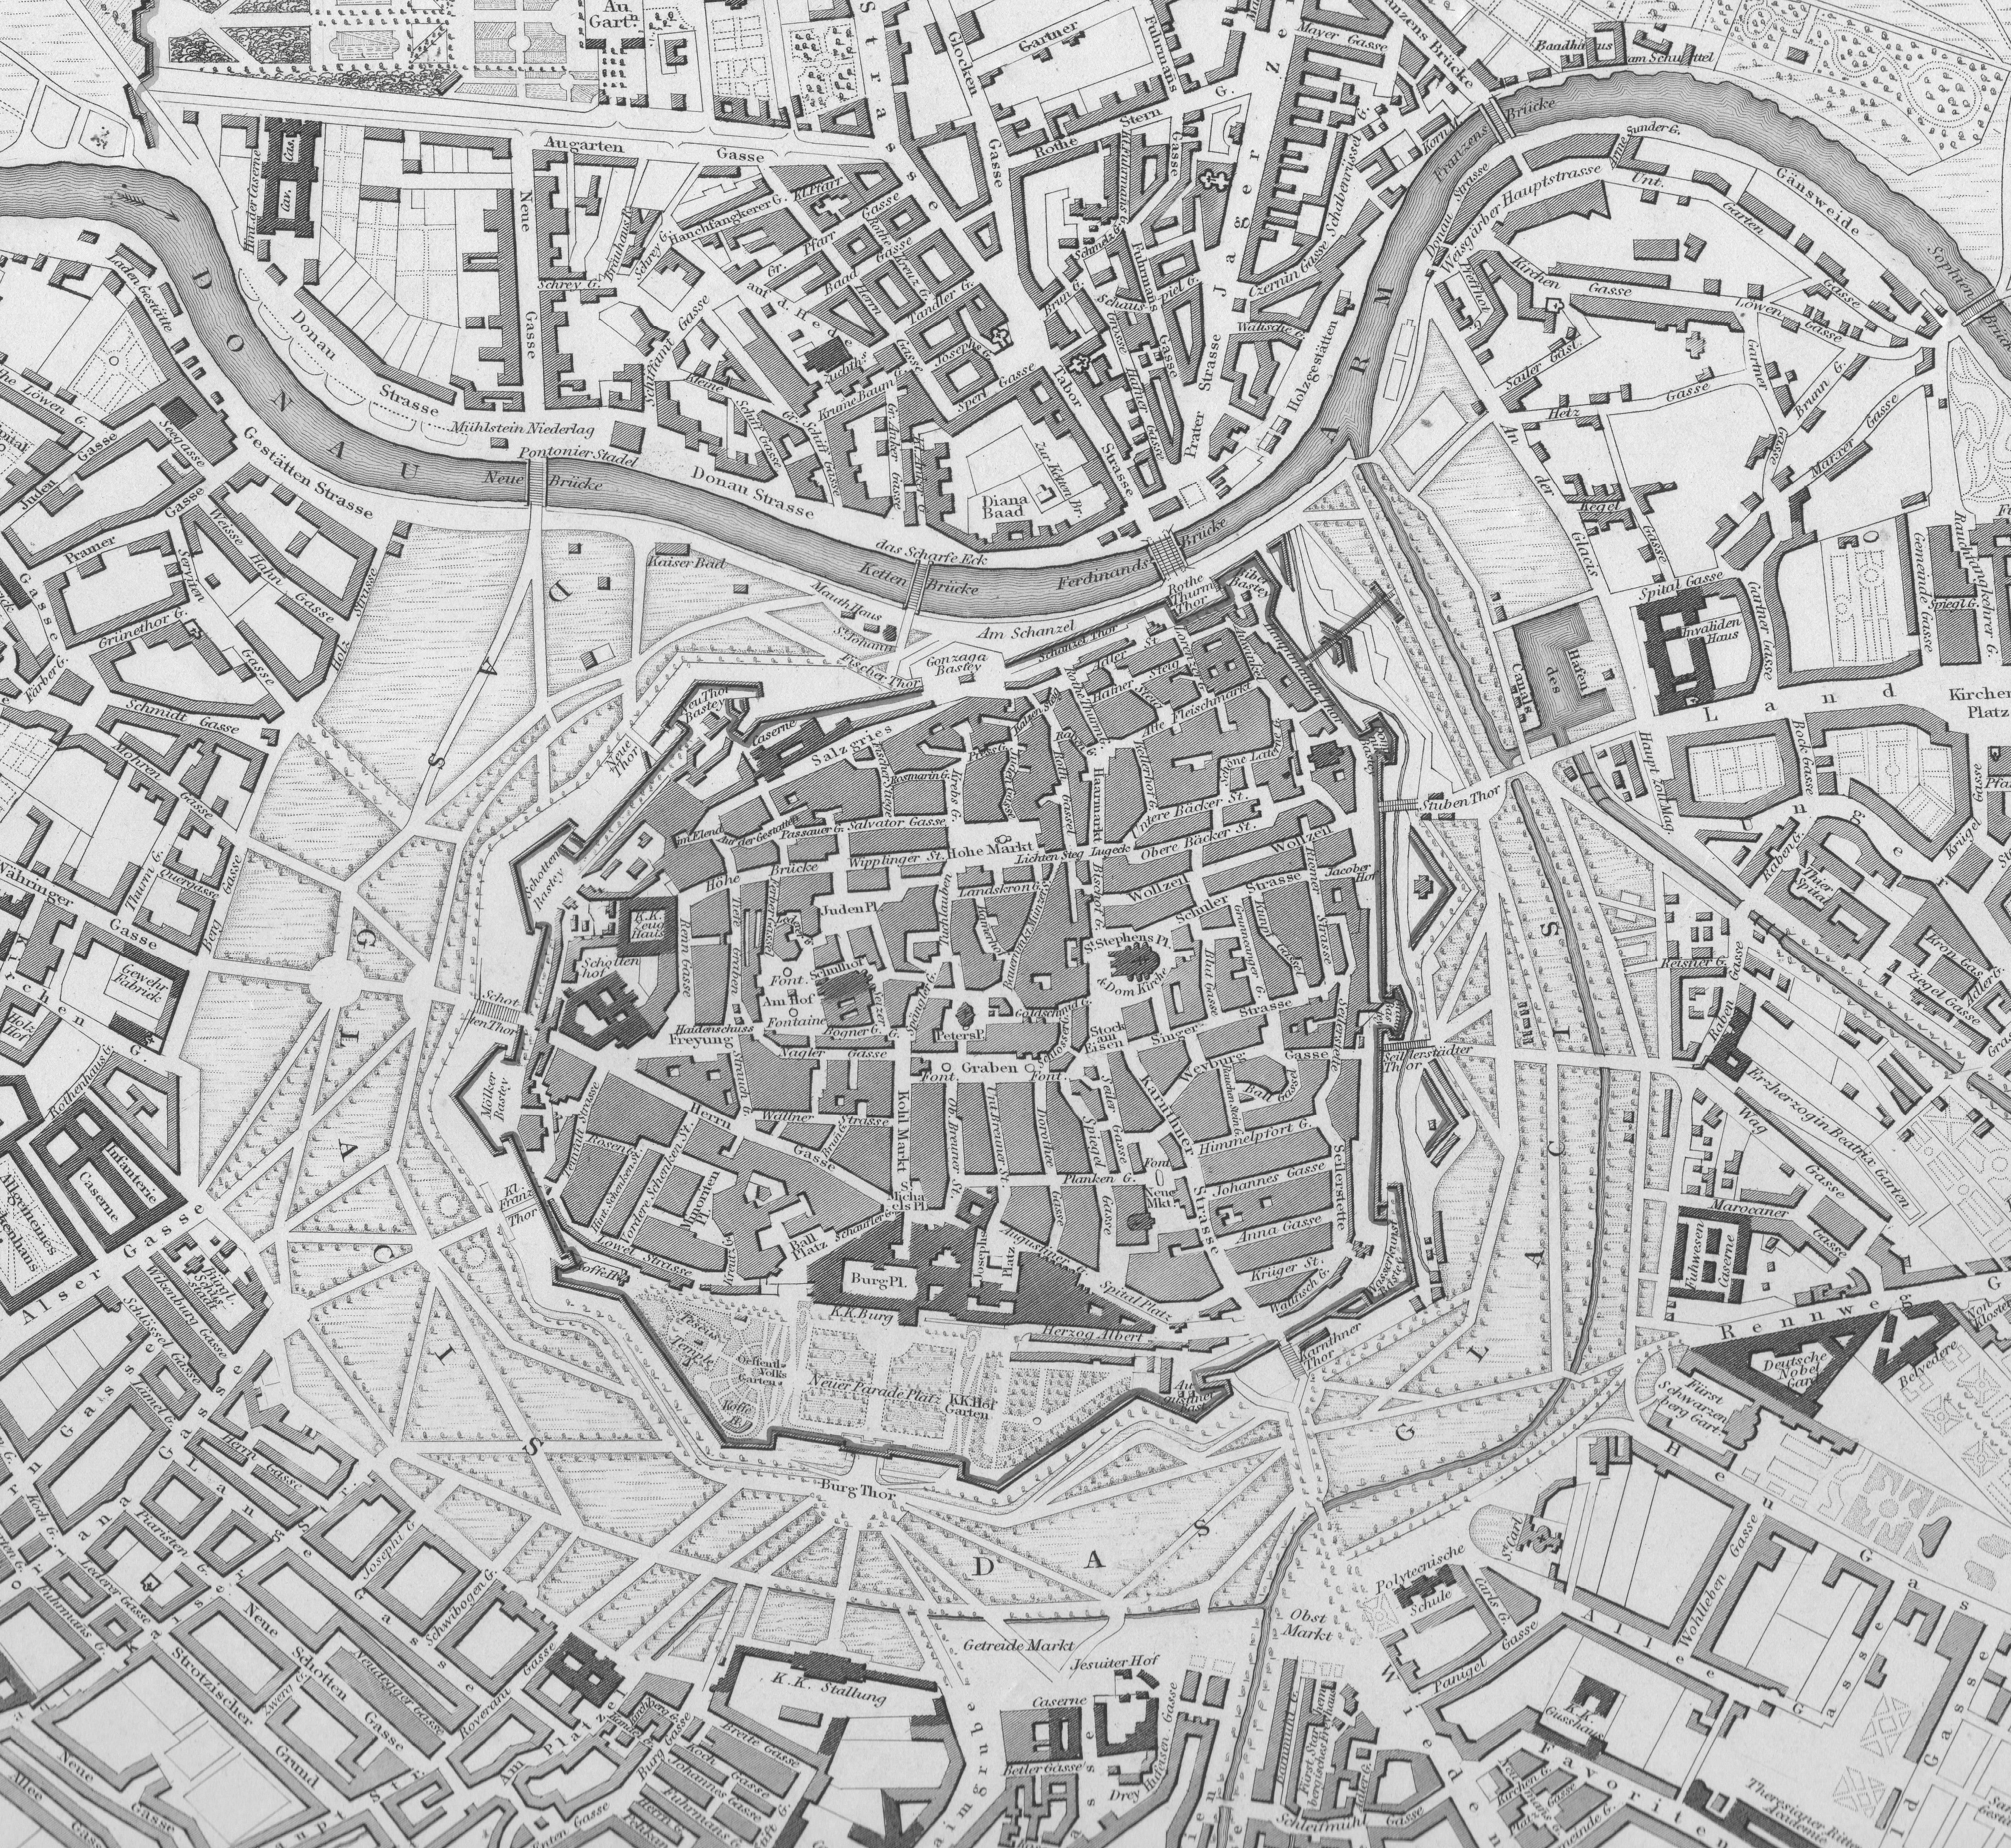 Vienna 1839 Joseph Joachim